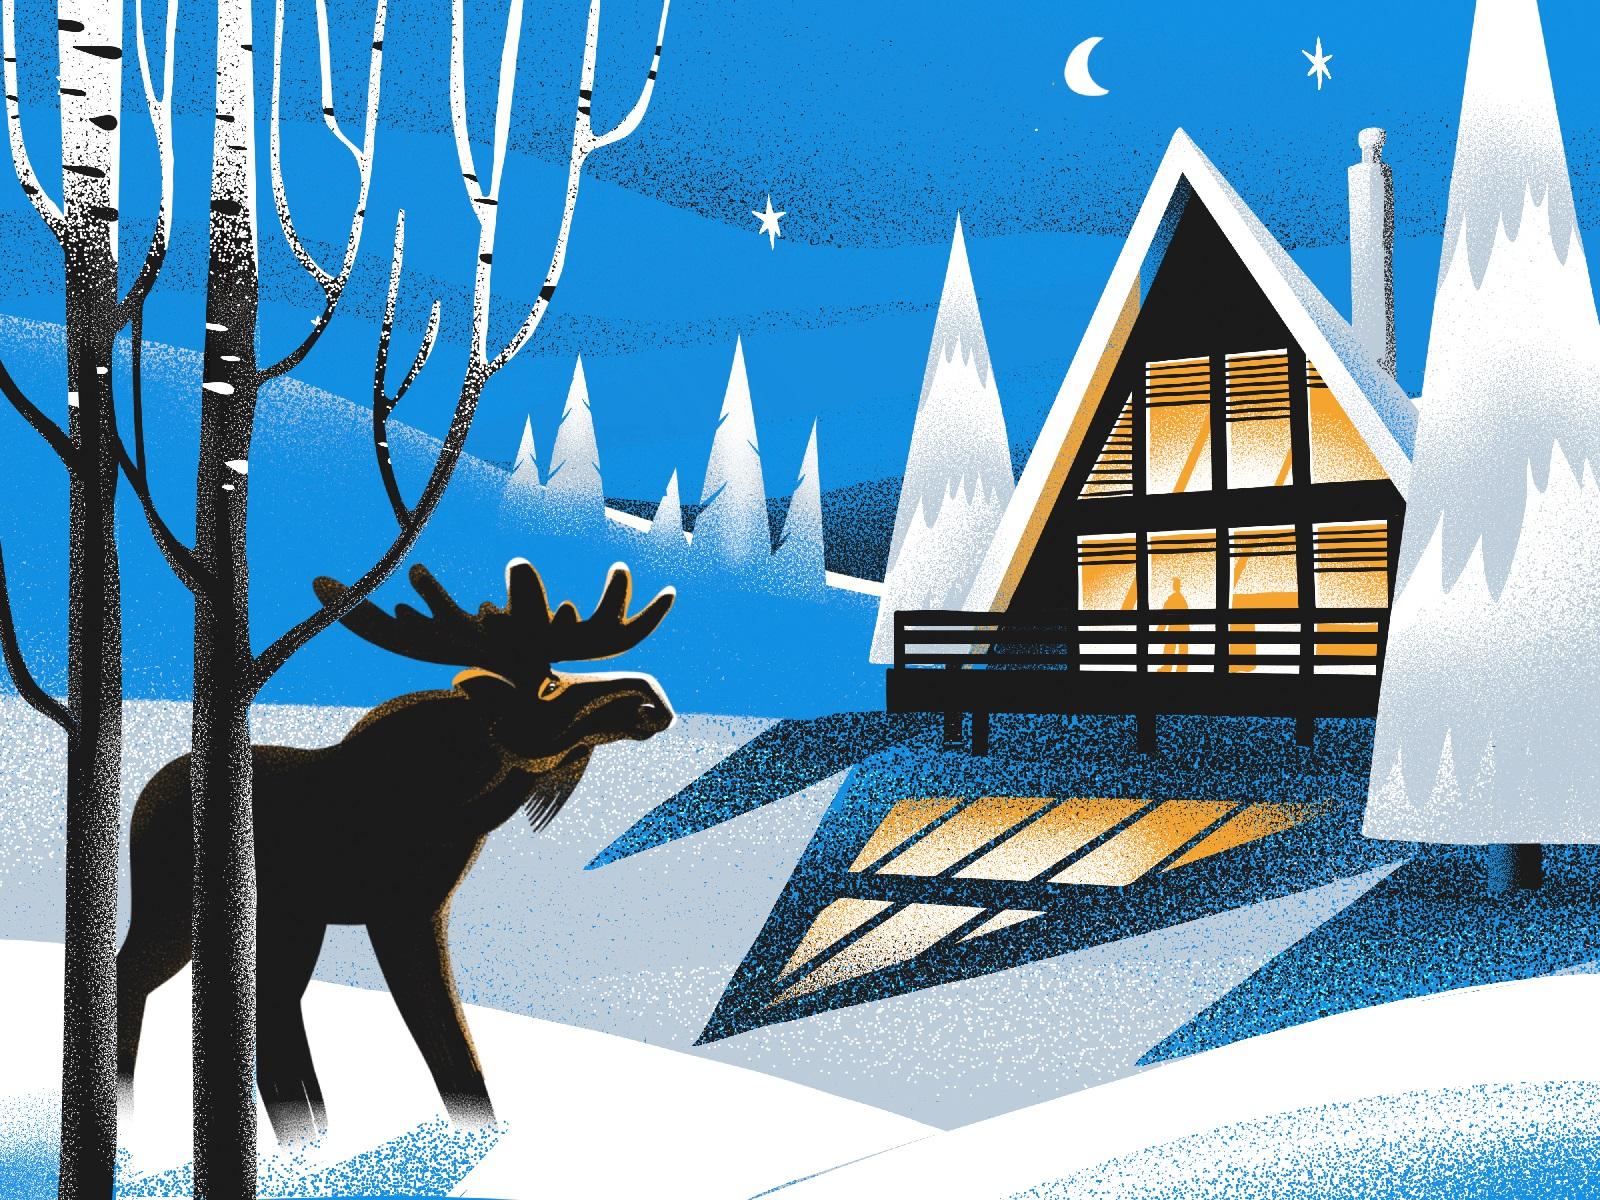 Краса зими: свіжа колекція зимових ілюстрацій